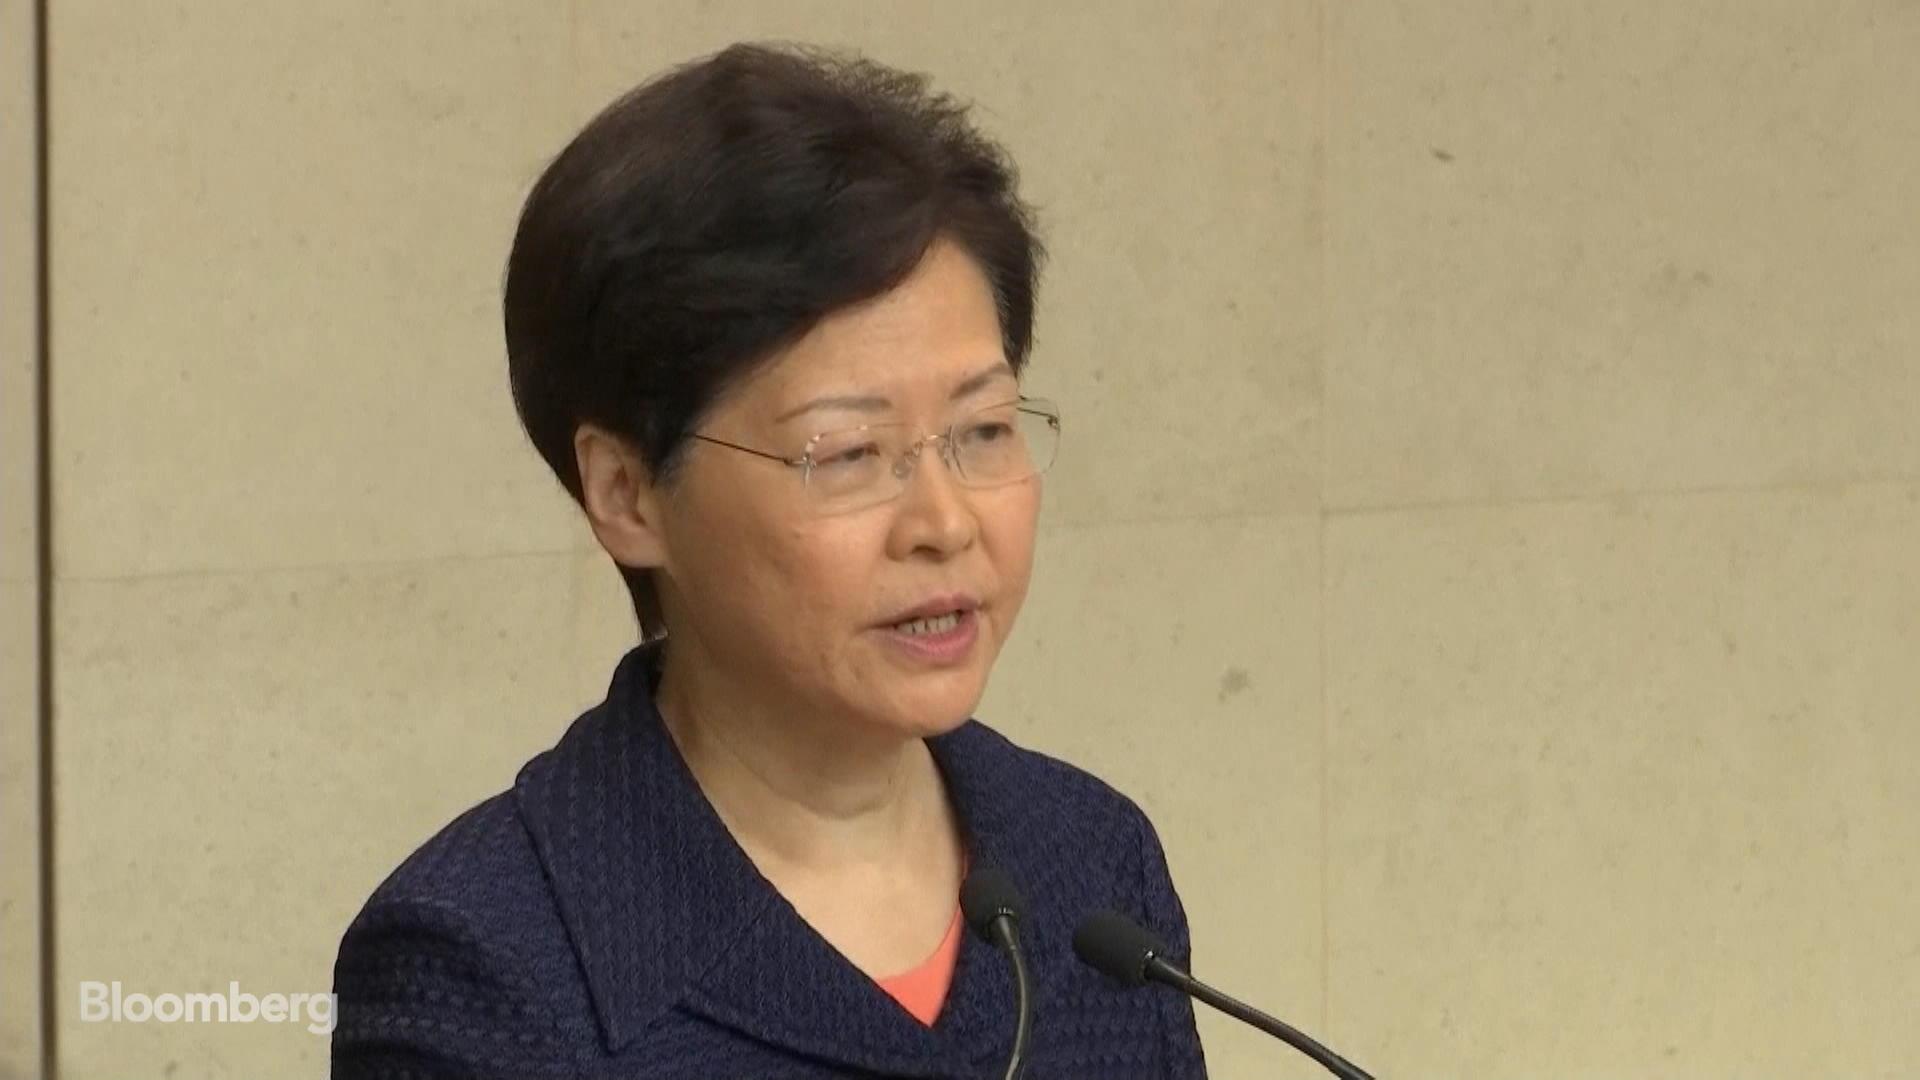 Hong Kong's Lam: 'We Will Start Immediately a Platform for Dialogue'